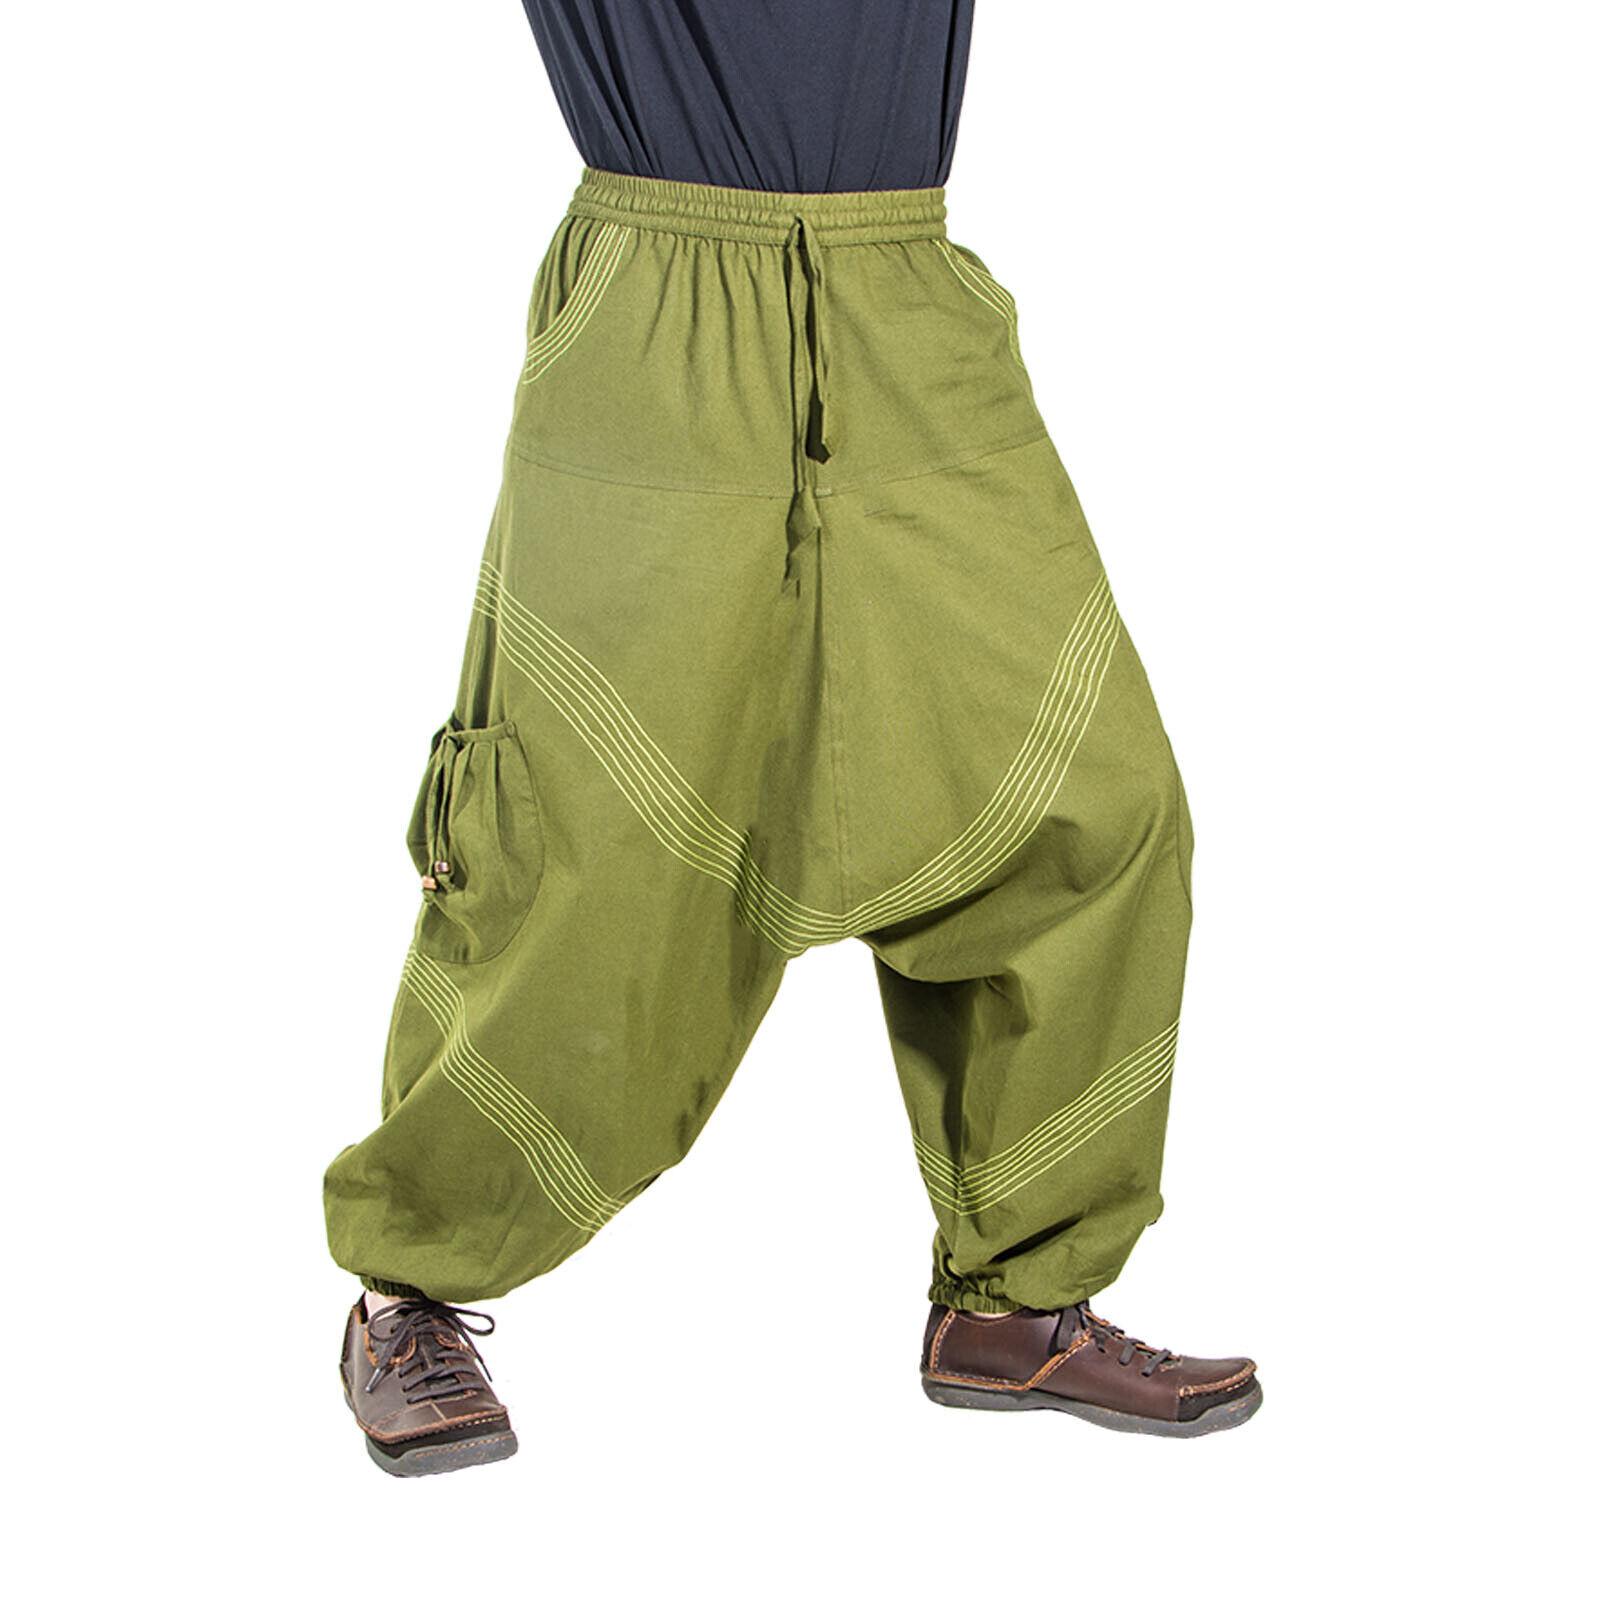 Arte e magia Uomo Goa Harem Pantaloni in colorei classici